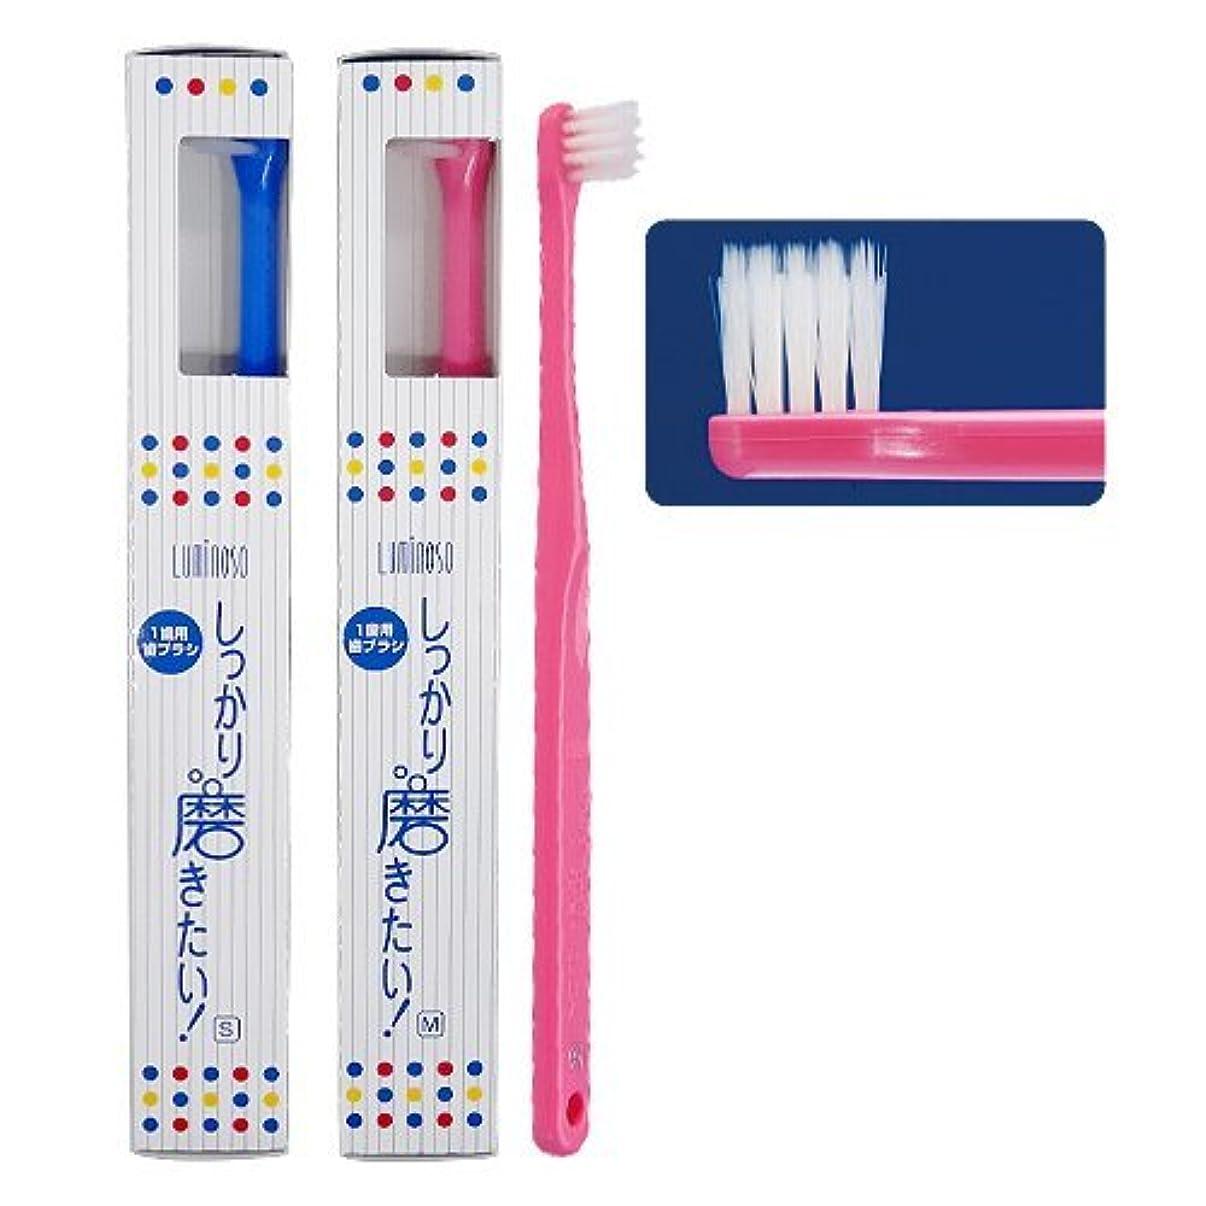 影響力のある開発するベースルミノソ 1歯用歯ブラシ「しっかり磨きたい!」スタンダード ソフト (カラー指定不可) 10本